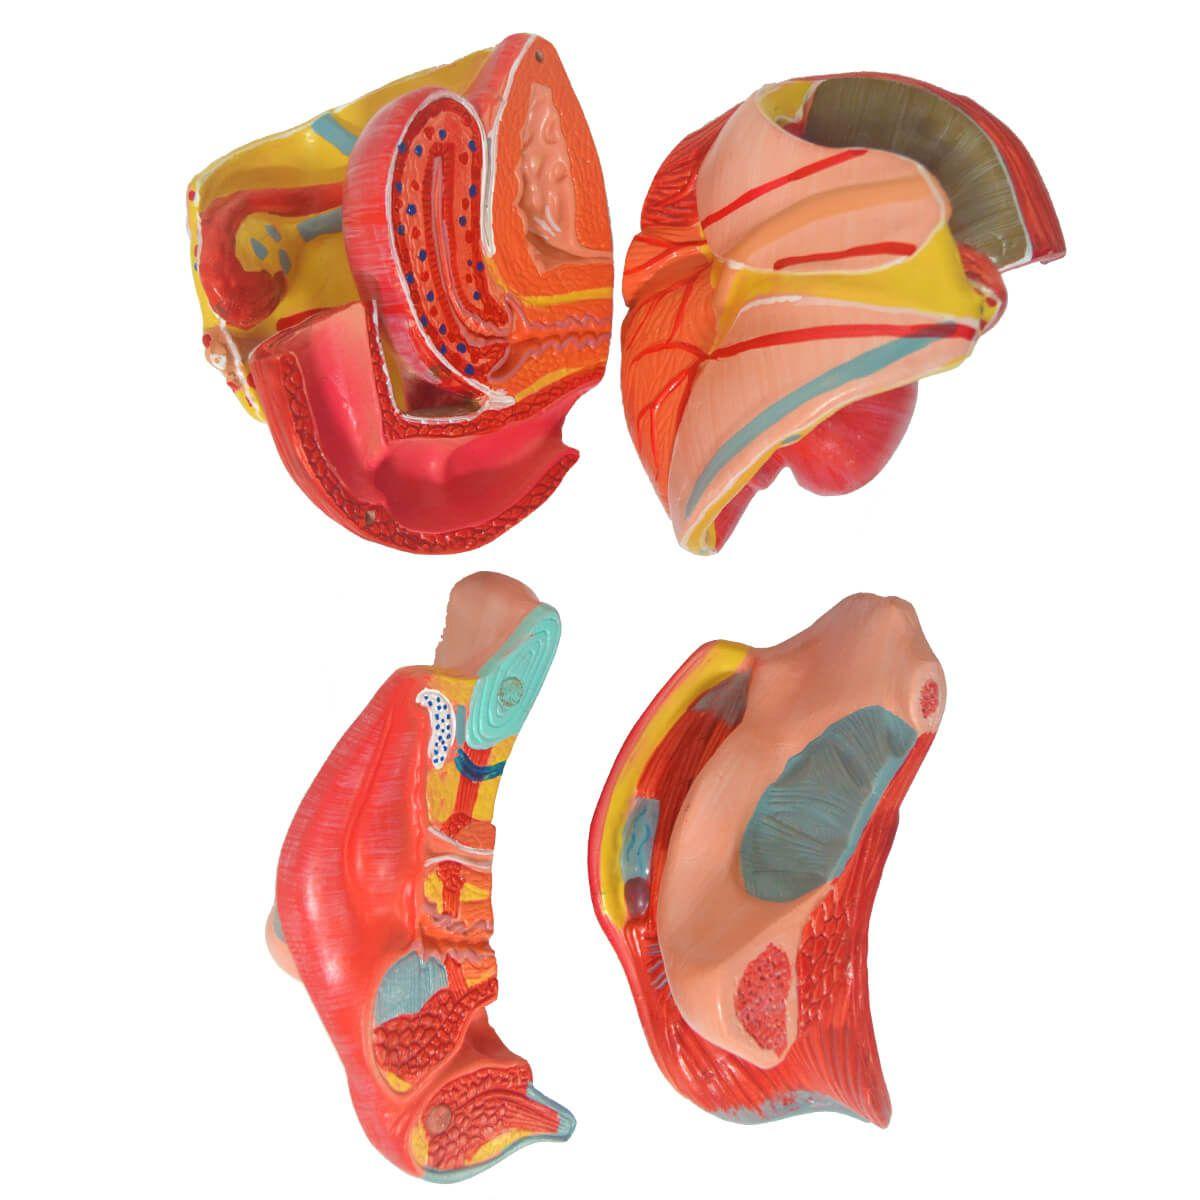 Órgão Genital Feminino em 4 Partes